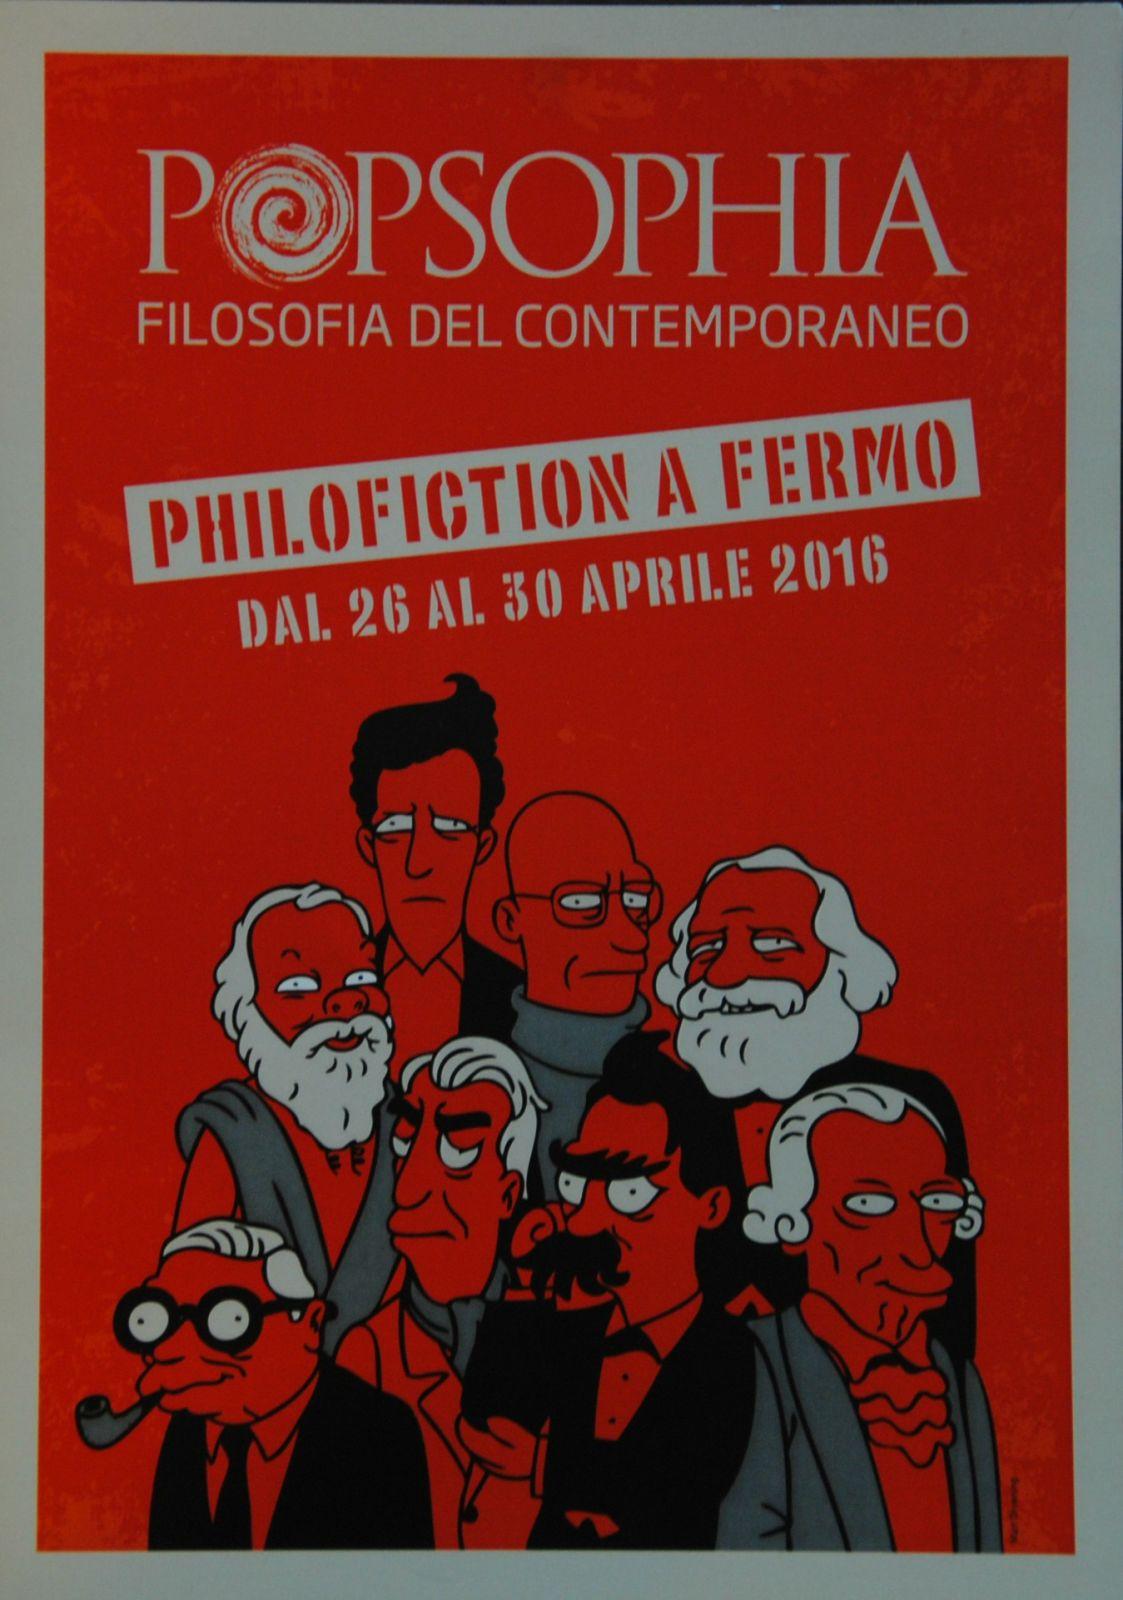 2009 01 12 23.29.27 Popsophia e i filosofi come personaggi dei Simpson